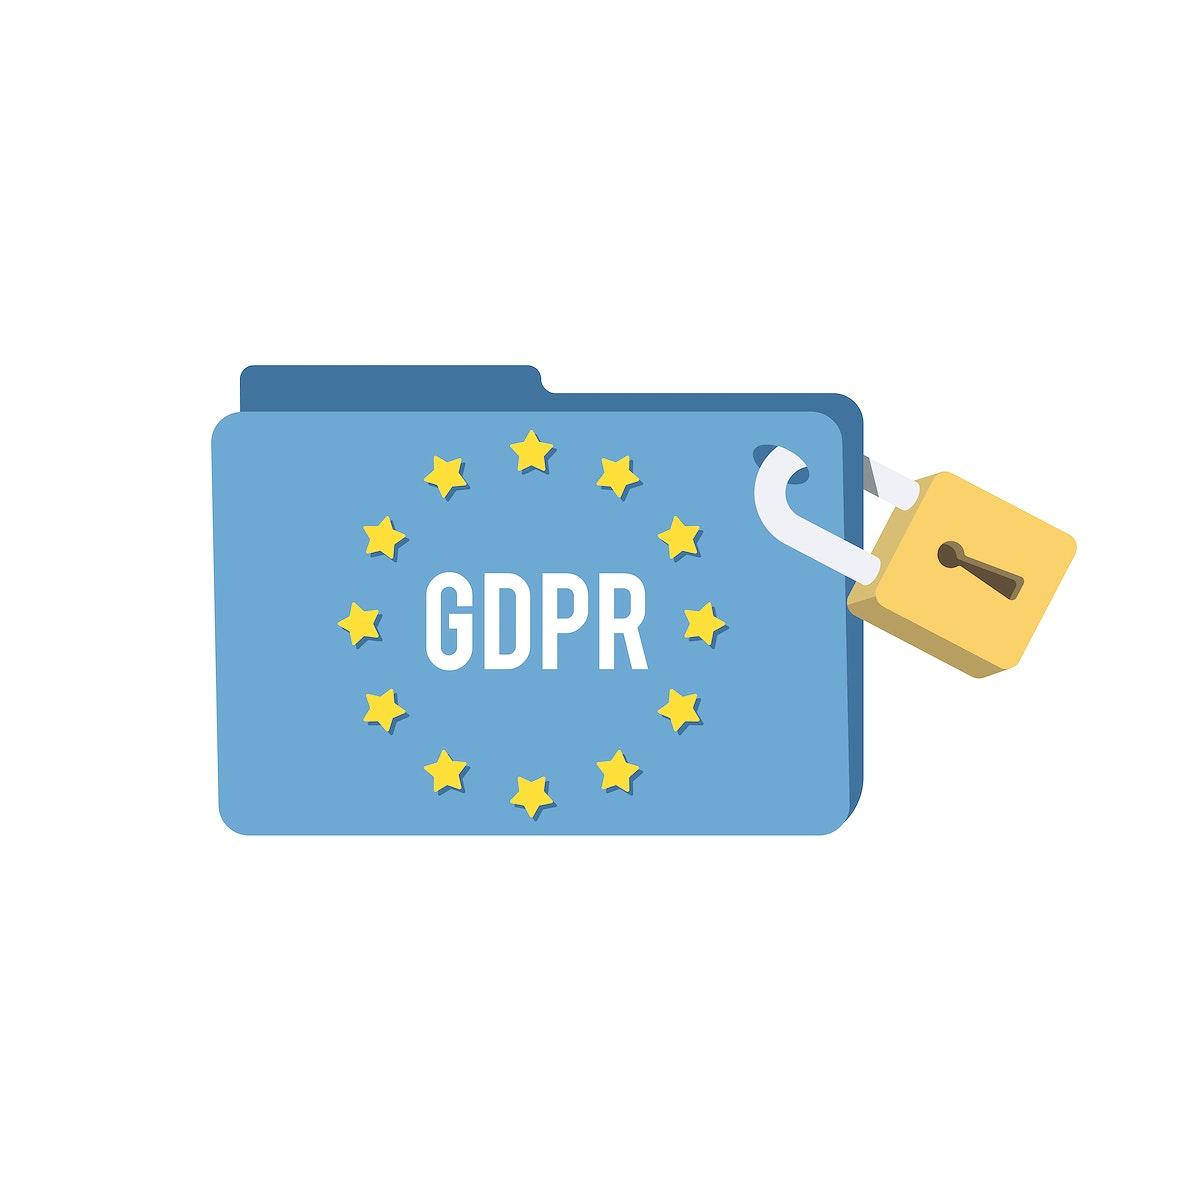 General Data Protection Regulation folder illustration